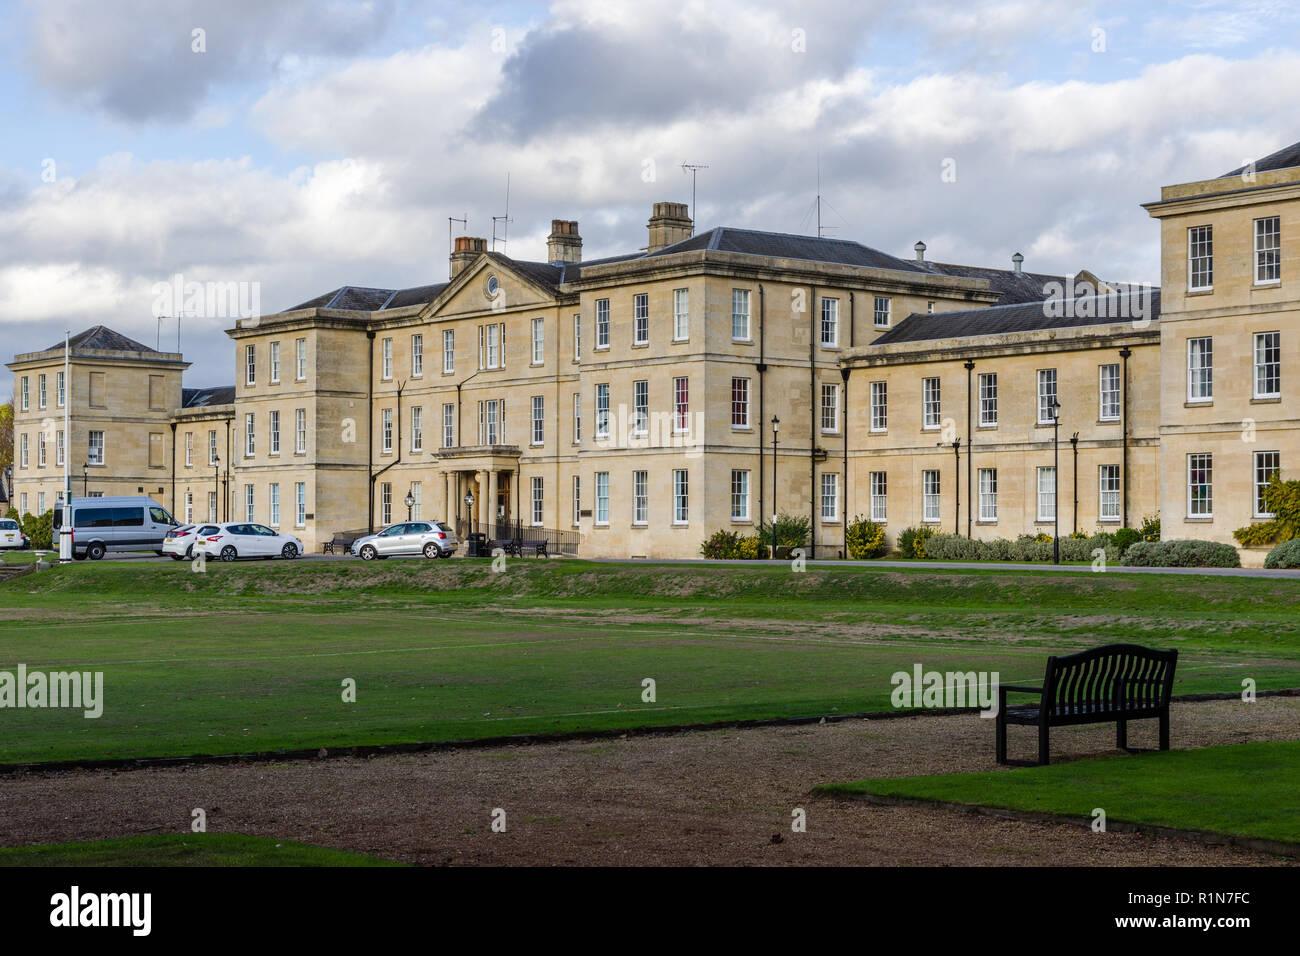 Fassade von St Andrews Hospital, Northampton, UK; einer psychiatrischen Klinik von St Andrews Healthcare. Stockbild